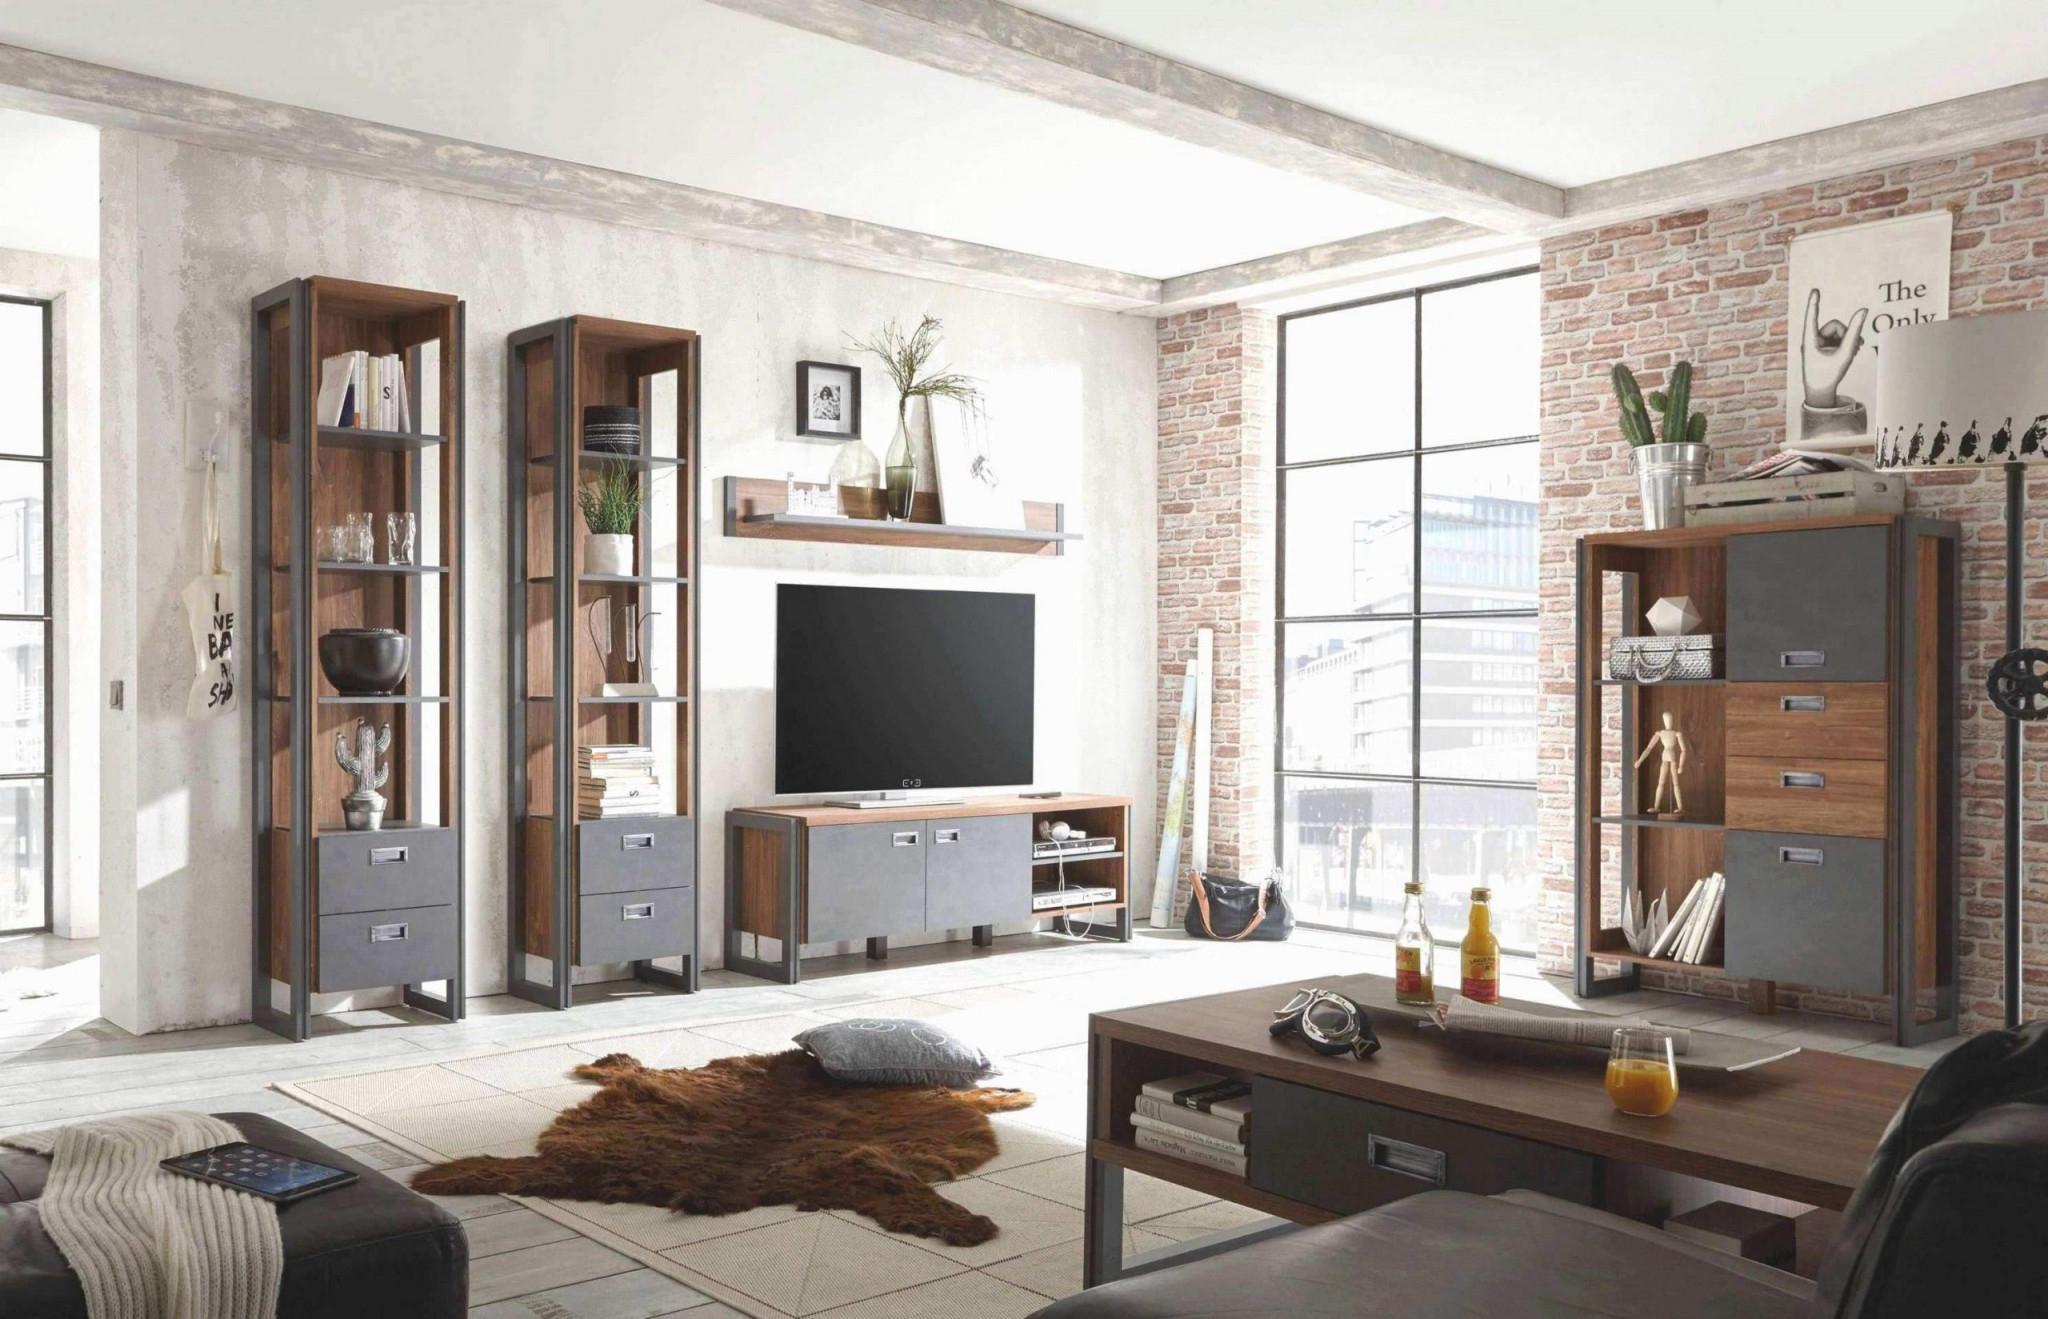 33 Reizend 16 Qm Wohnzimmer Einrichten Genial  Wohnzimmer von Ideen Einrichtung Wohnzimmer Photo